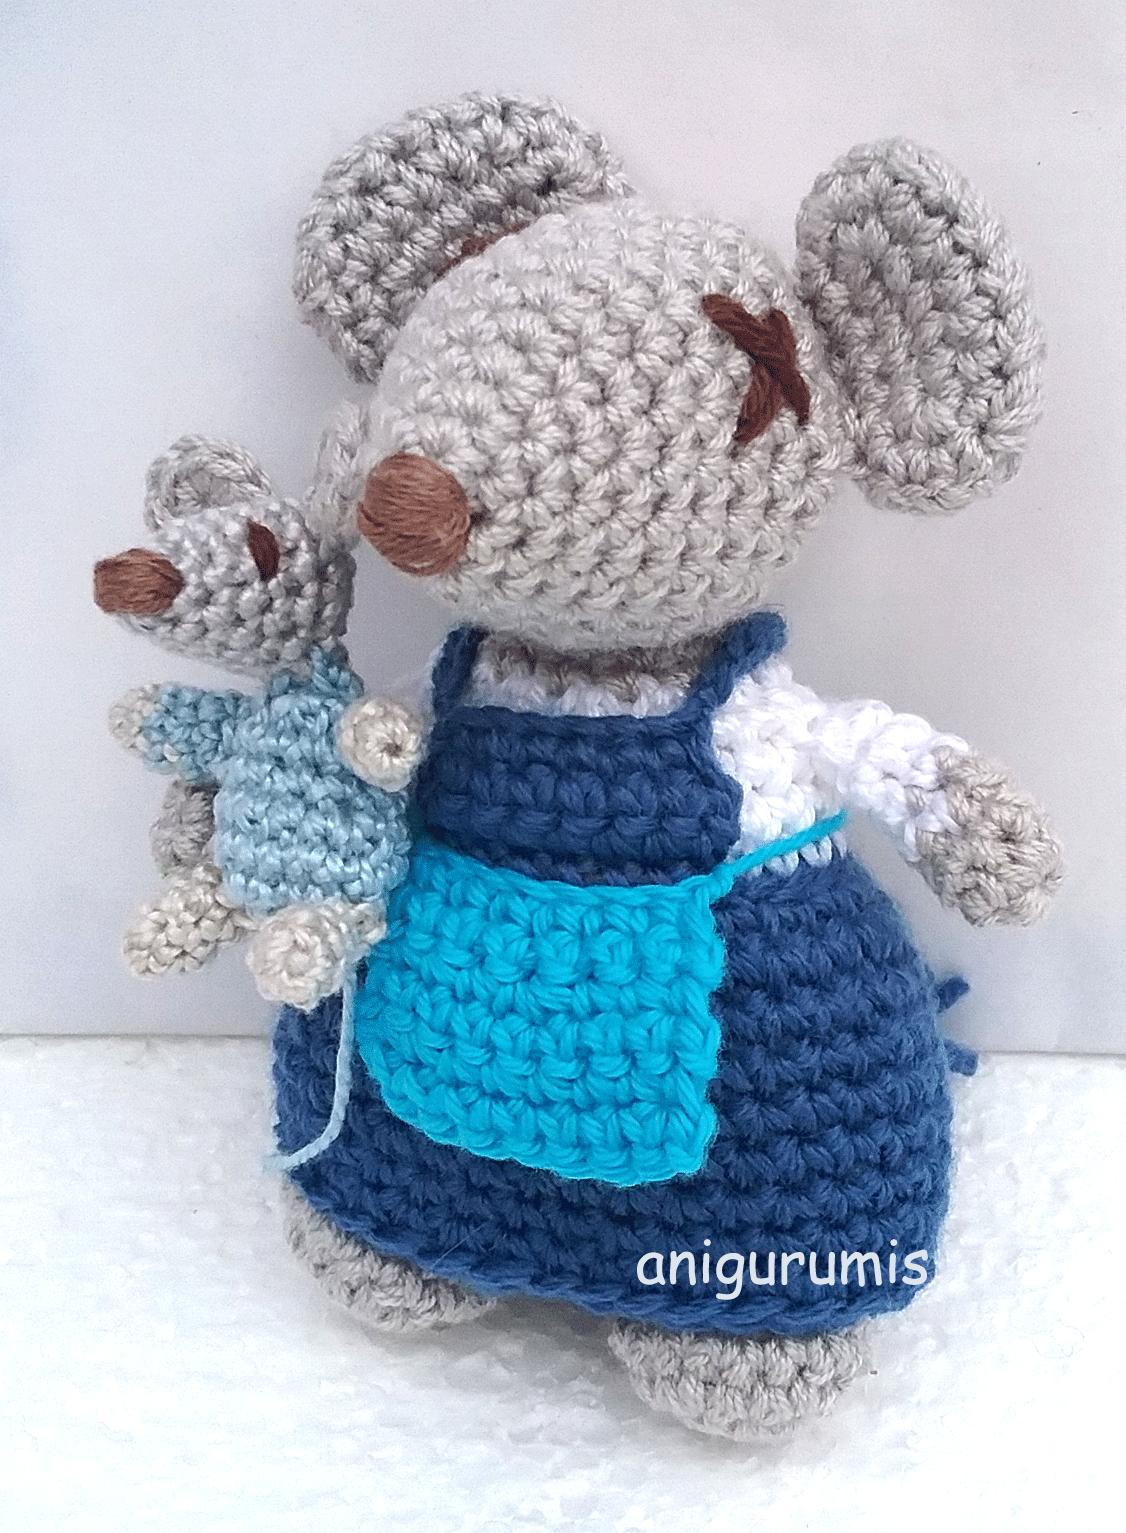 Mamá Ratona Amigurumi - Patrón a Crochet Gratis en Español … | Amirugum…